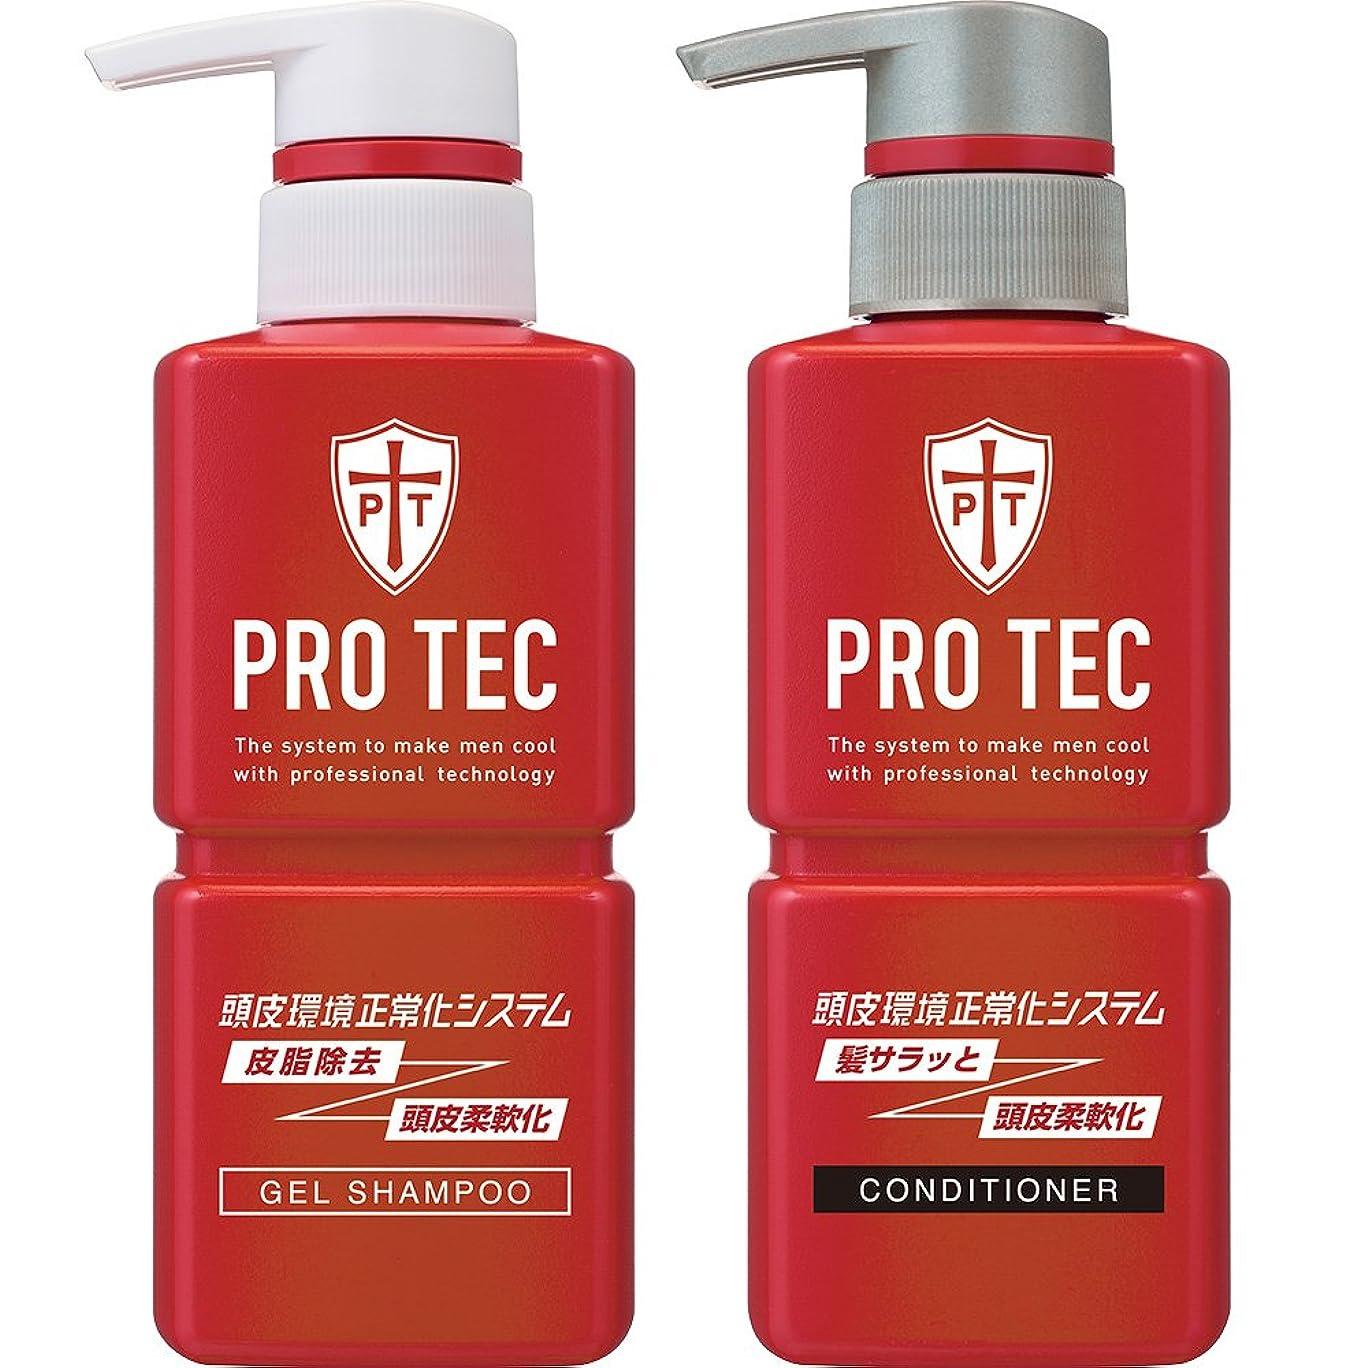 服を片付ける陸軍計画的PRO TEC(プロテク) 頭皮ストレッチ シャンプー ポンプ 300g(医薬部外品)+ コンディショナー ポンプ 300g